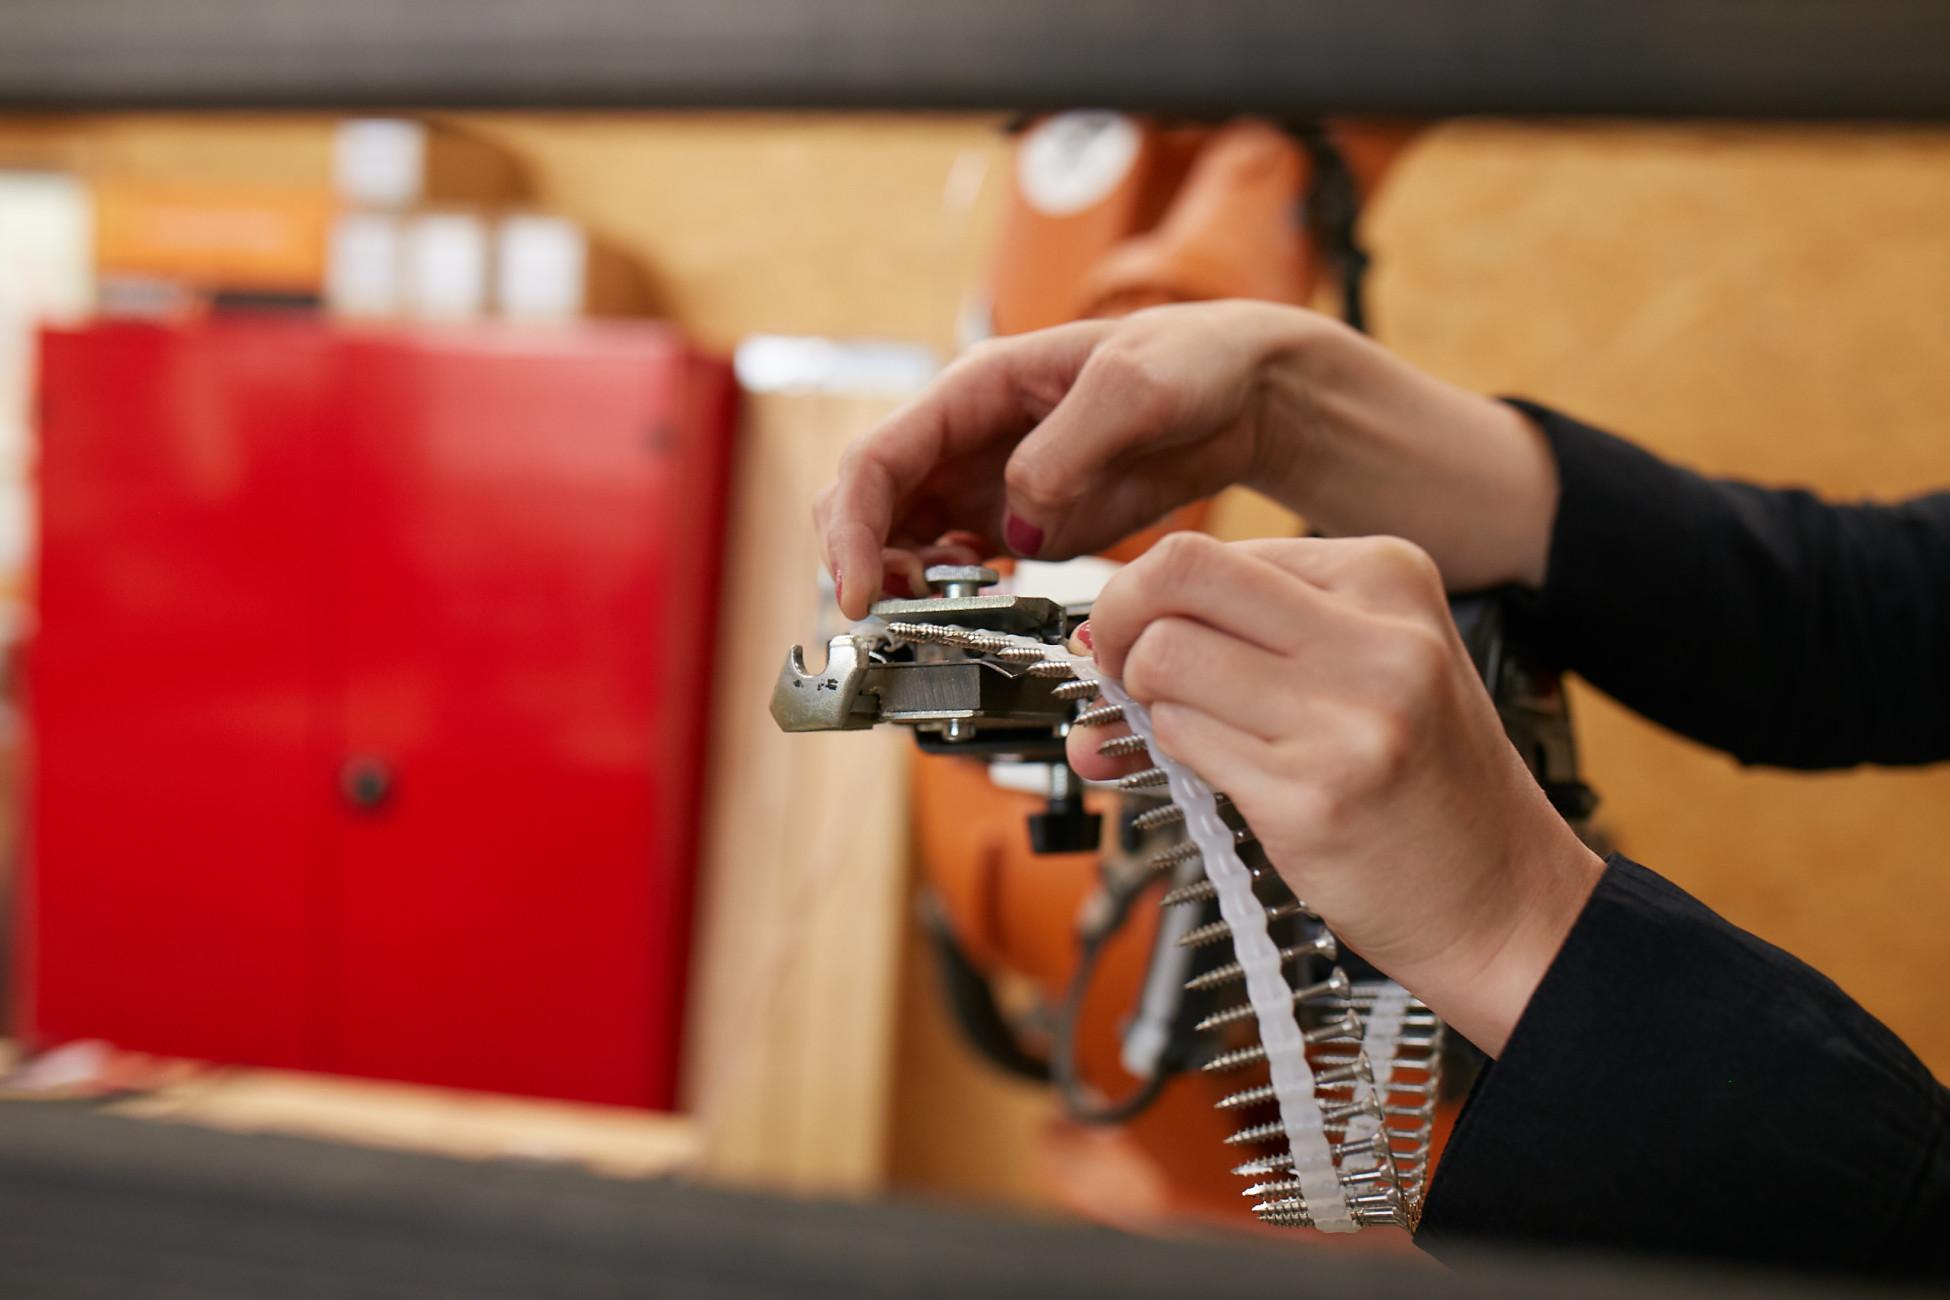 Anbringen der Werkzeuge am Roboter